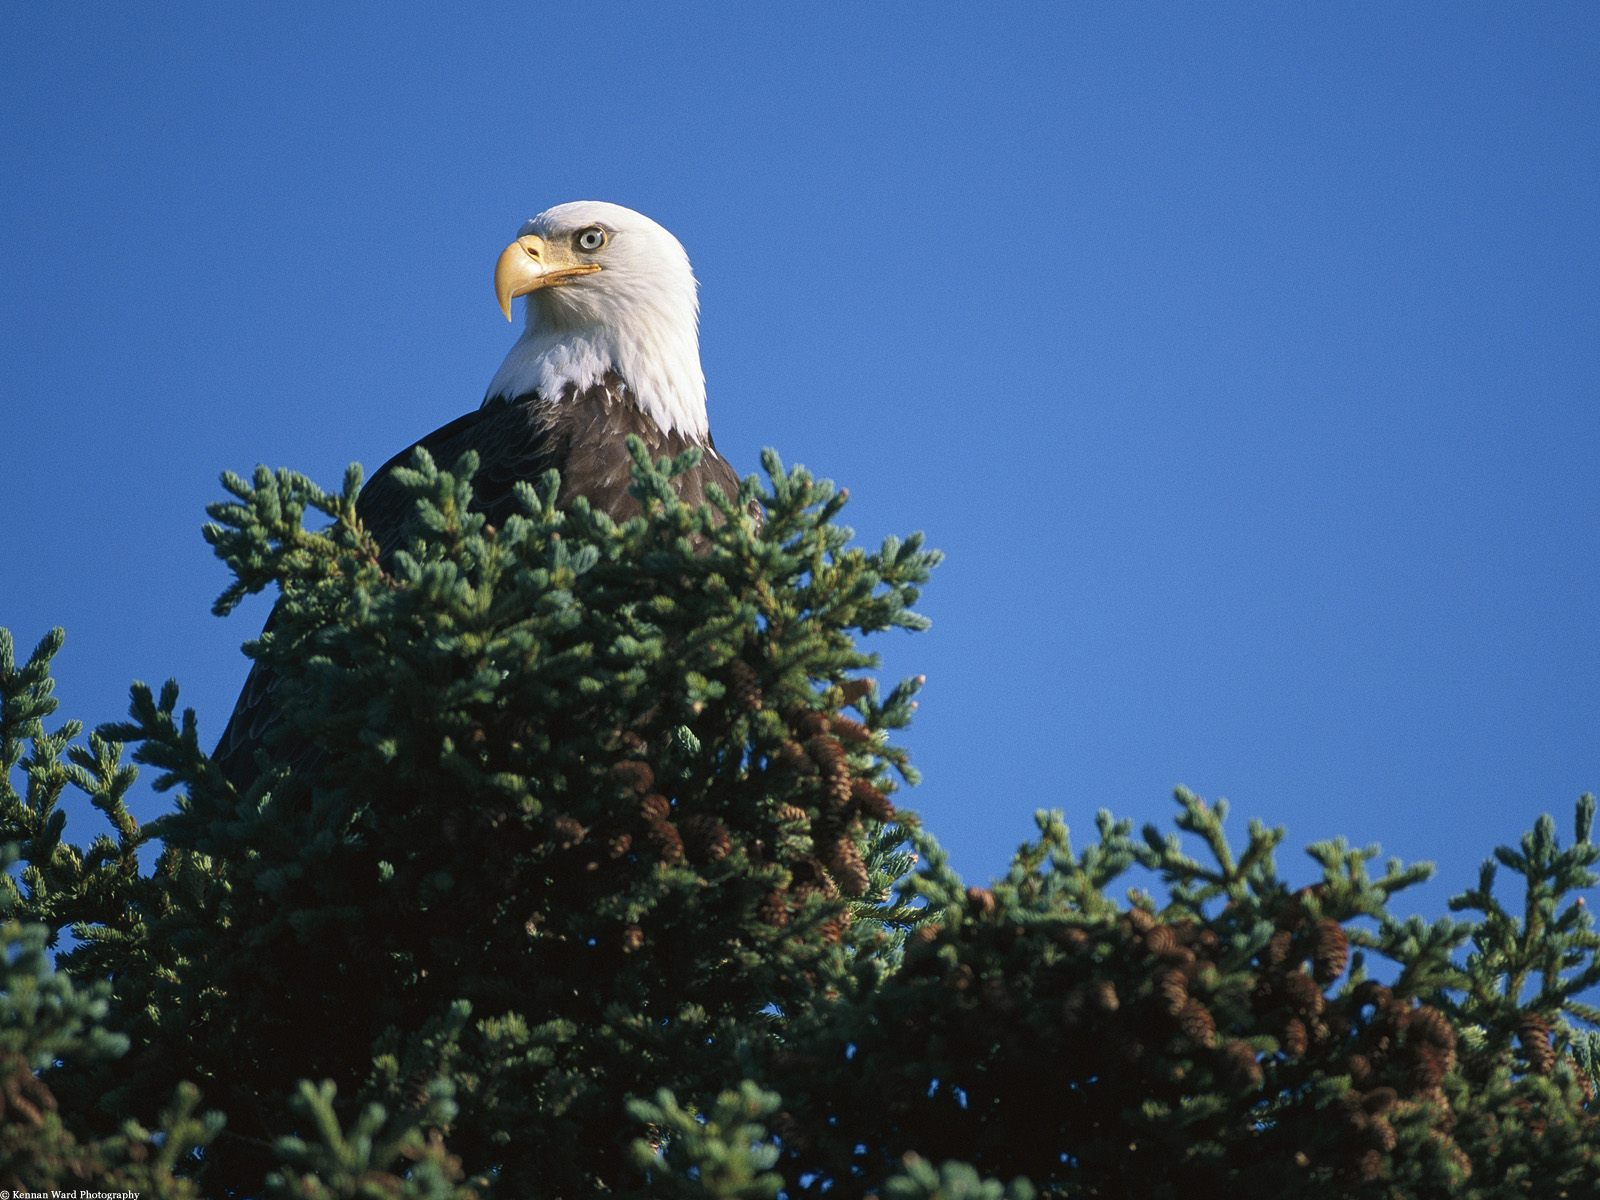 Hình nền Đại Bàng Eagles5